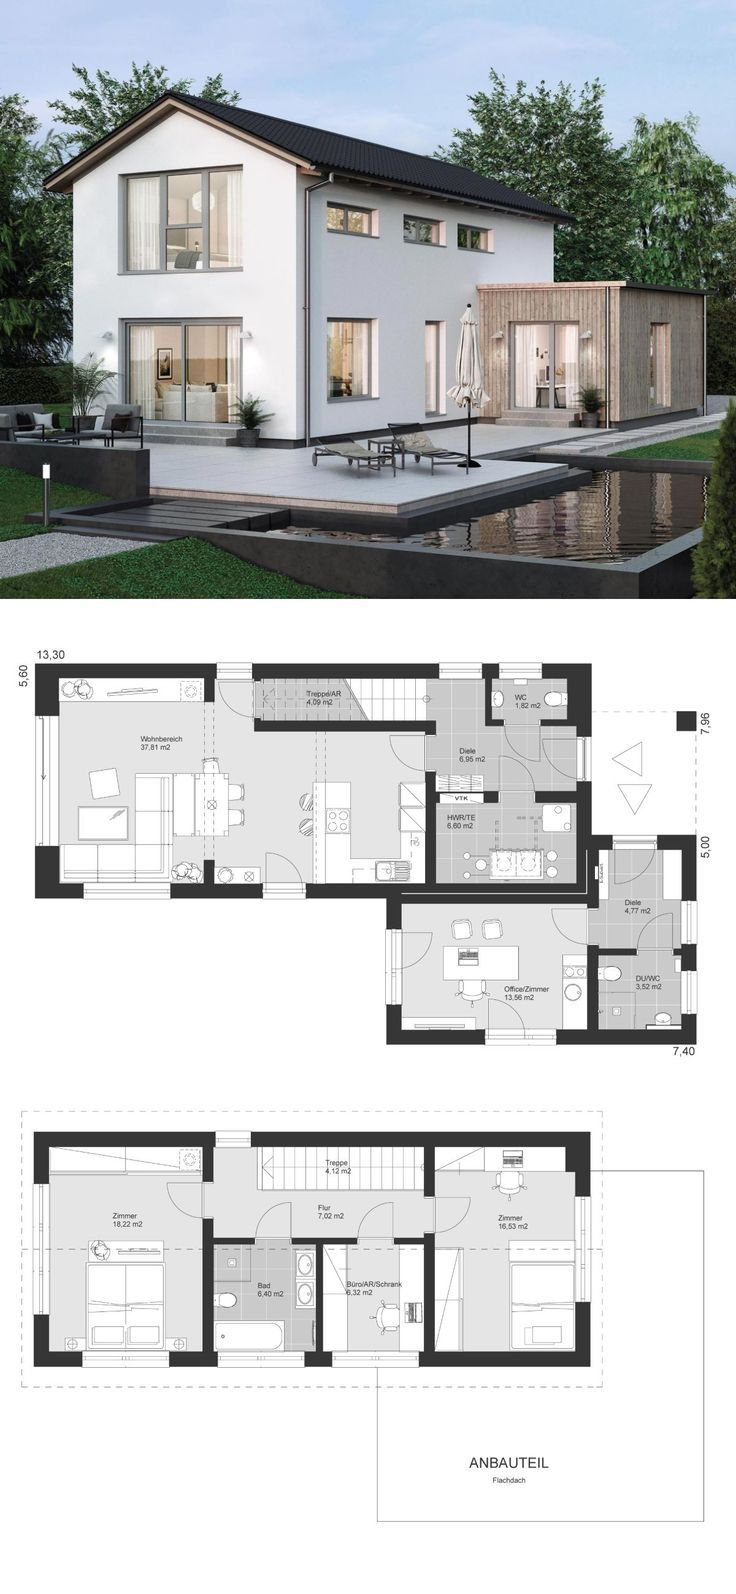 Einfamilienhaus modern Grundriss schmal mit Büro …